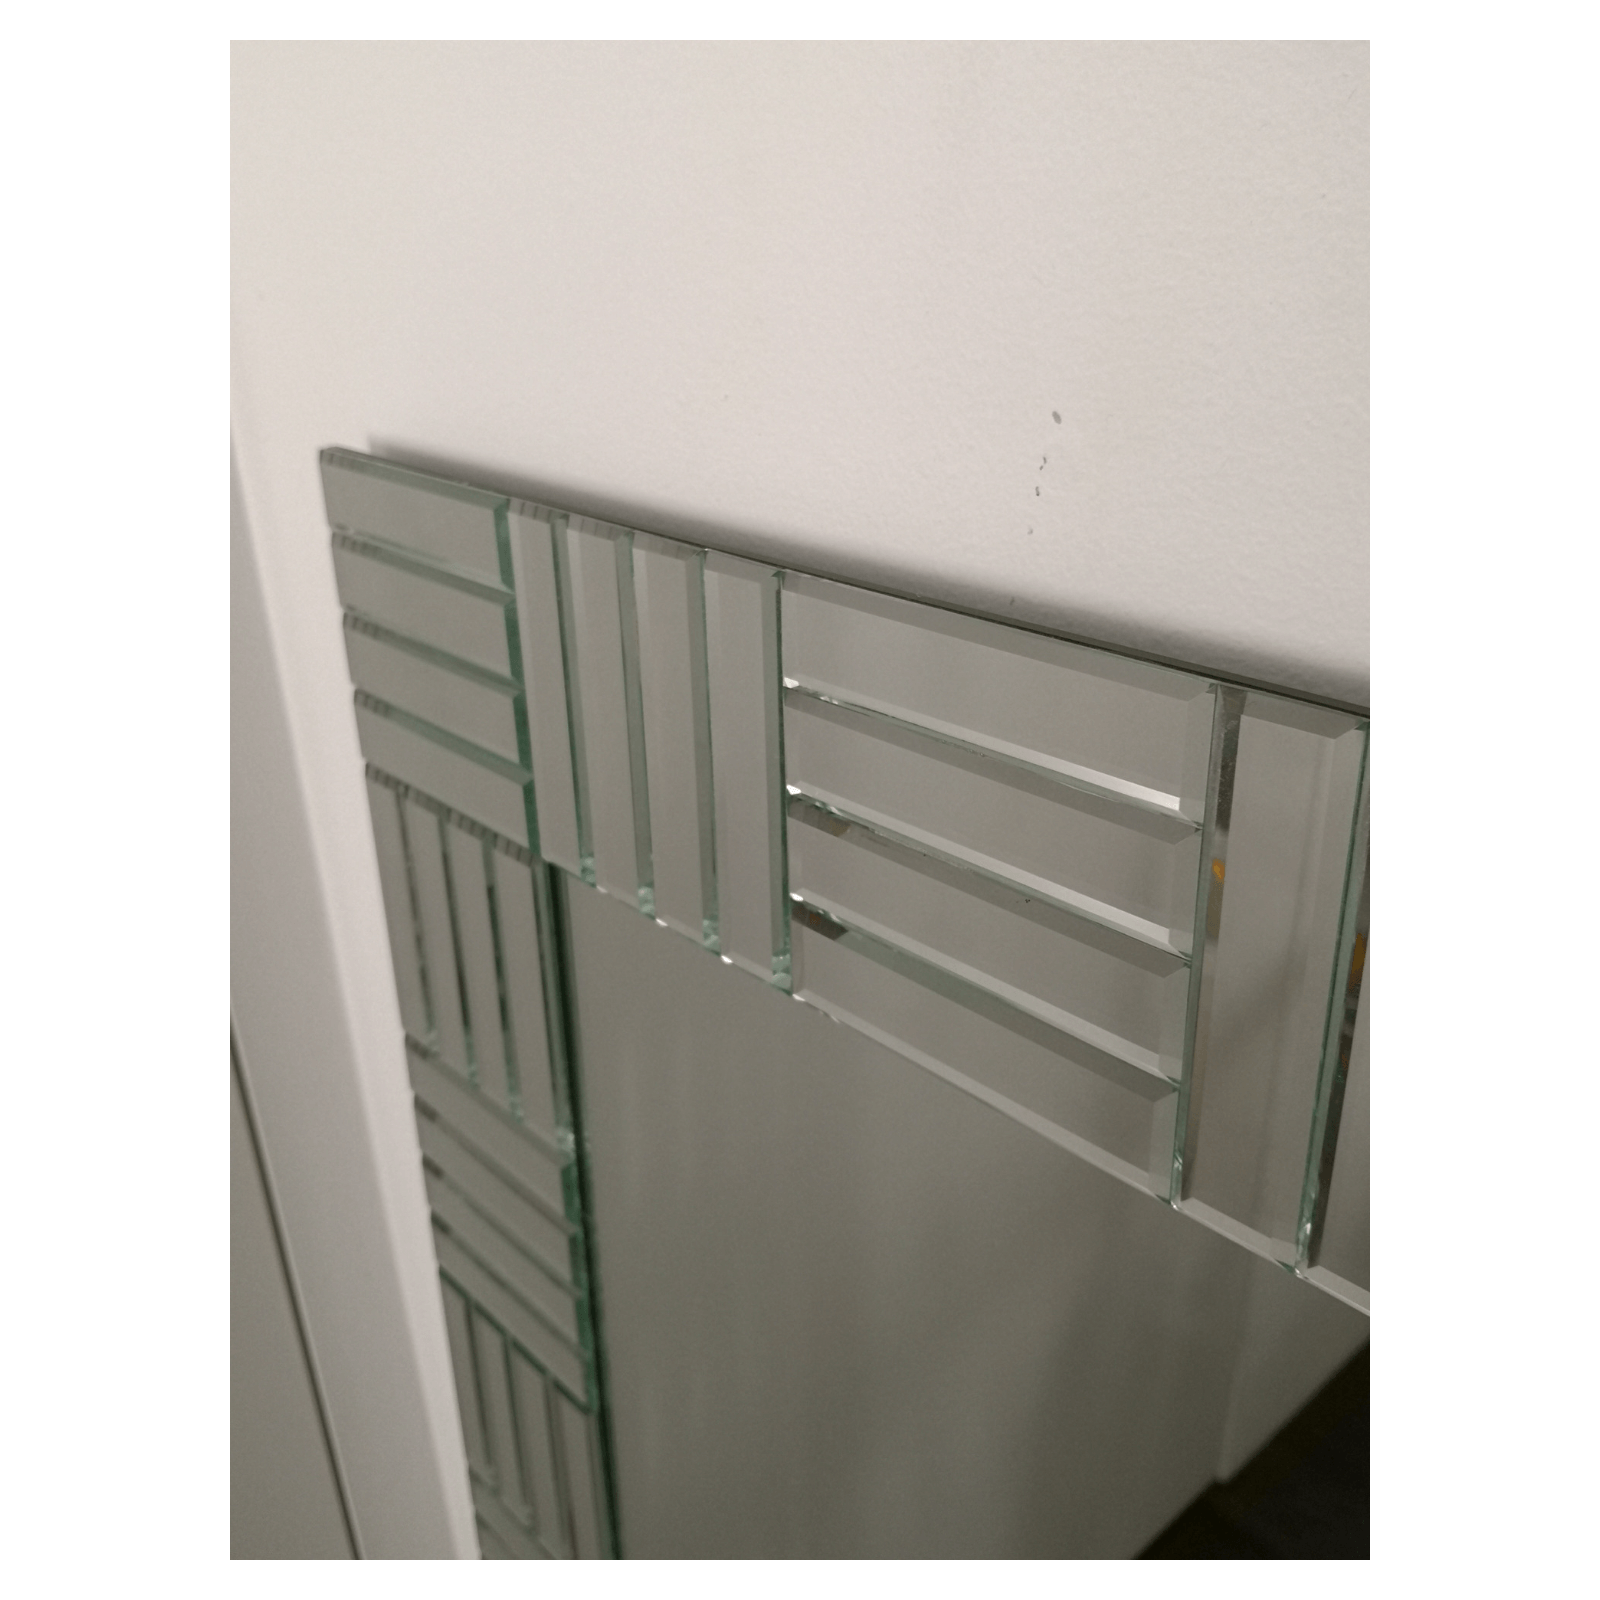 Two Design Lovers bevelled edge designer mirror detail left